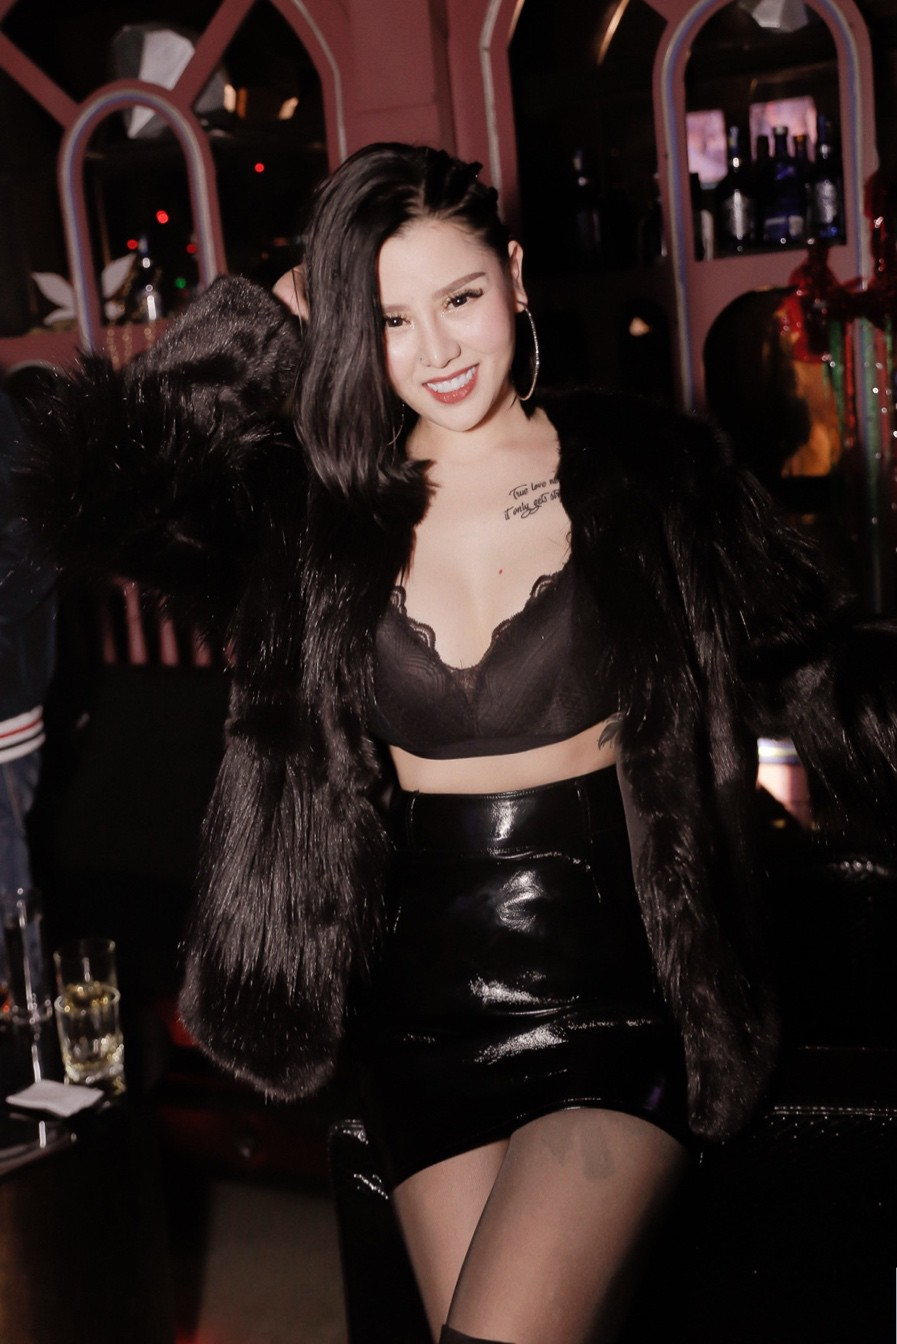 Bước đột phá mới trong âm nhạc của ca sĩ Nguyễn Thạc Bảo Ngọc cùng các DJ - Ảnh 2.